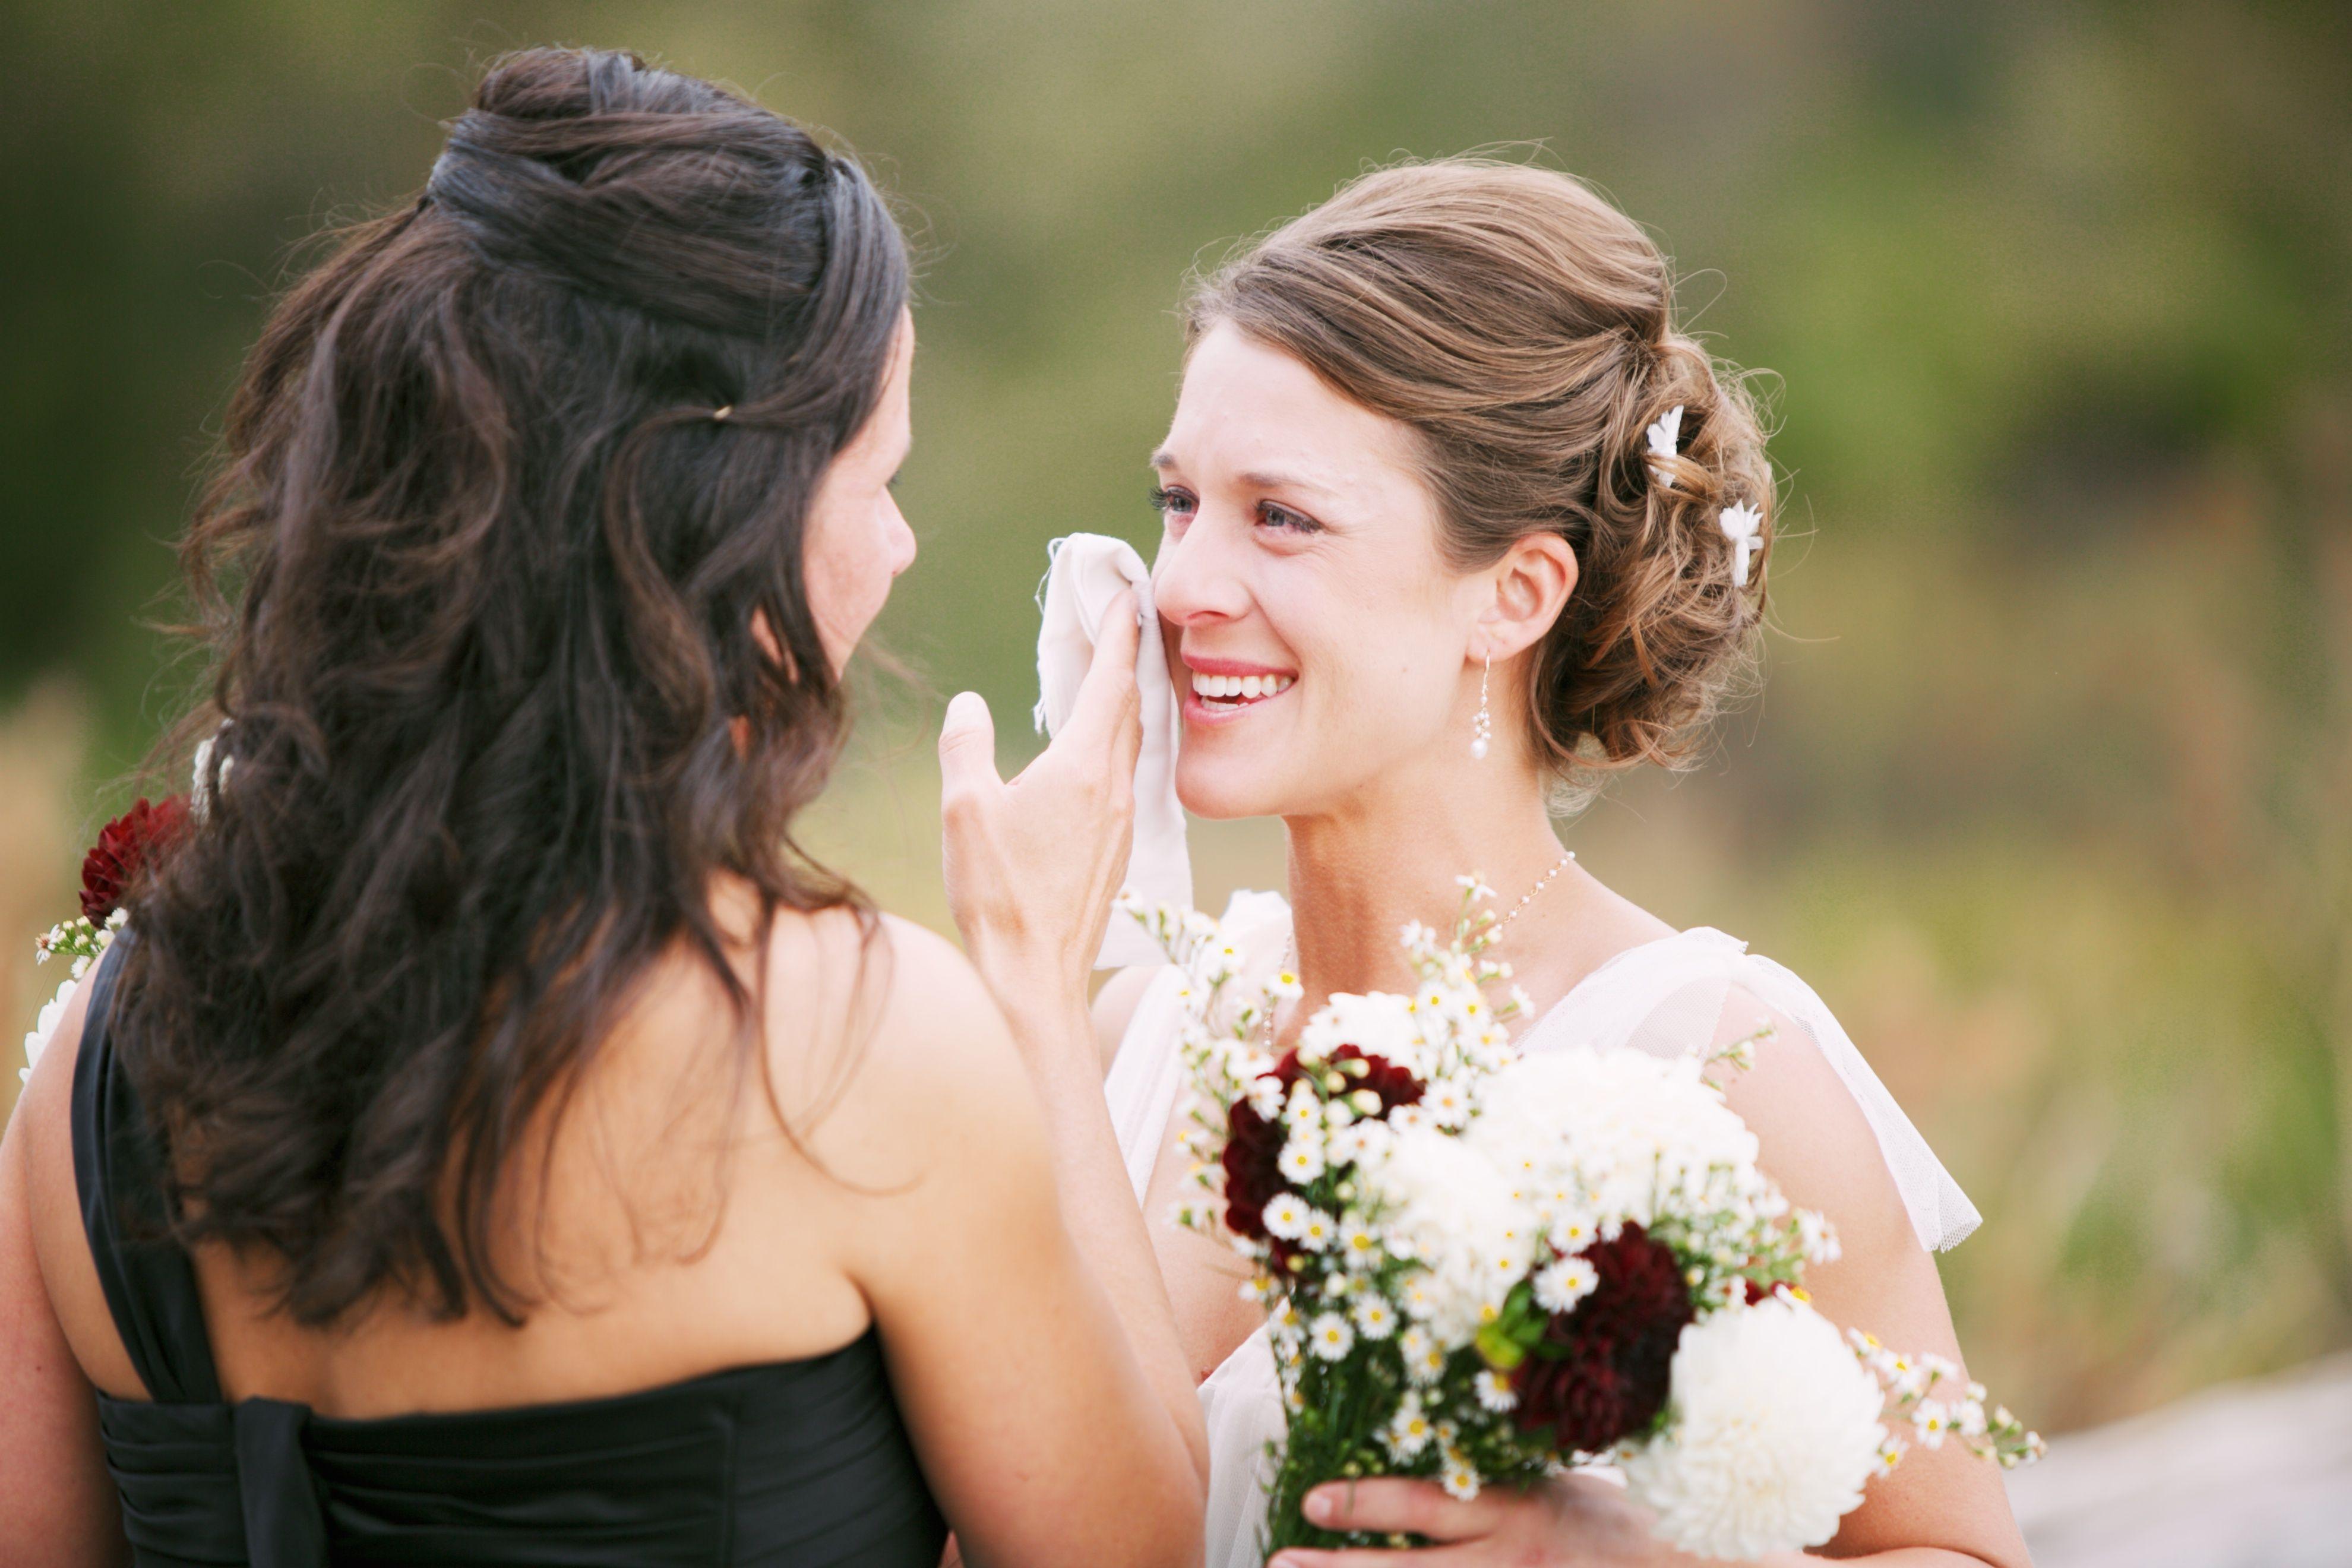 Lesbian wedding image